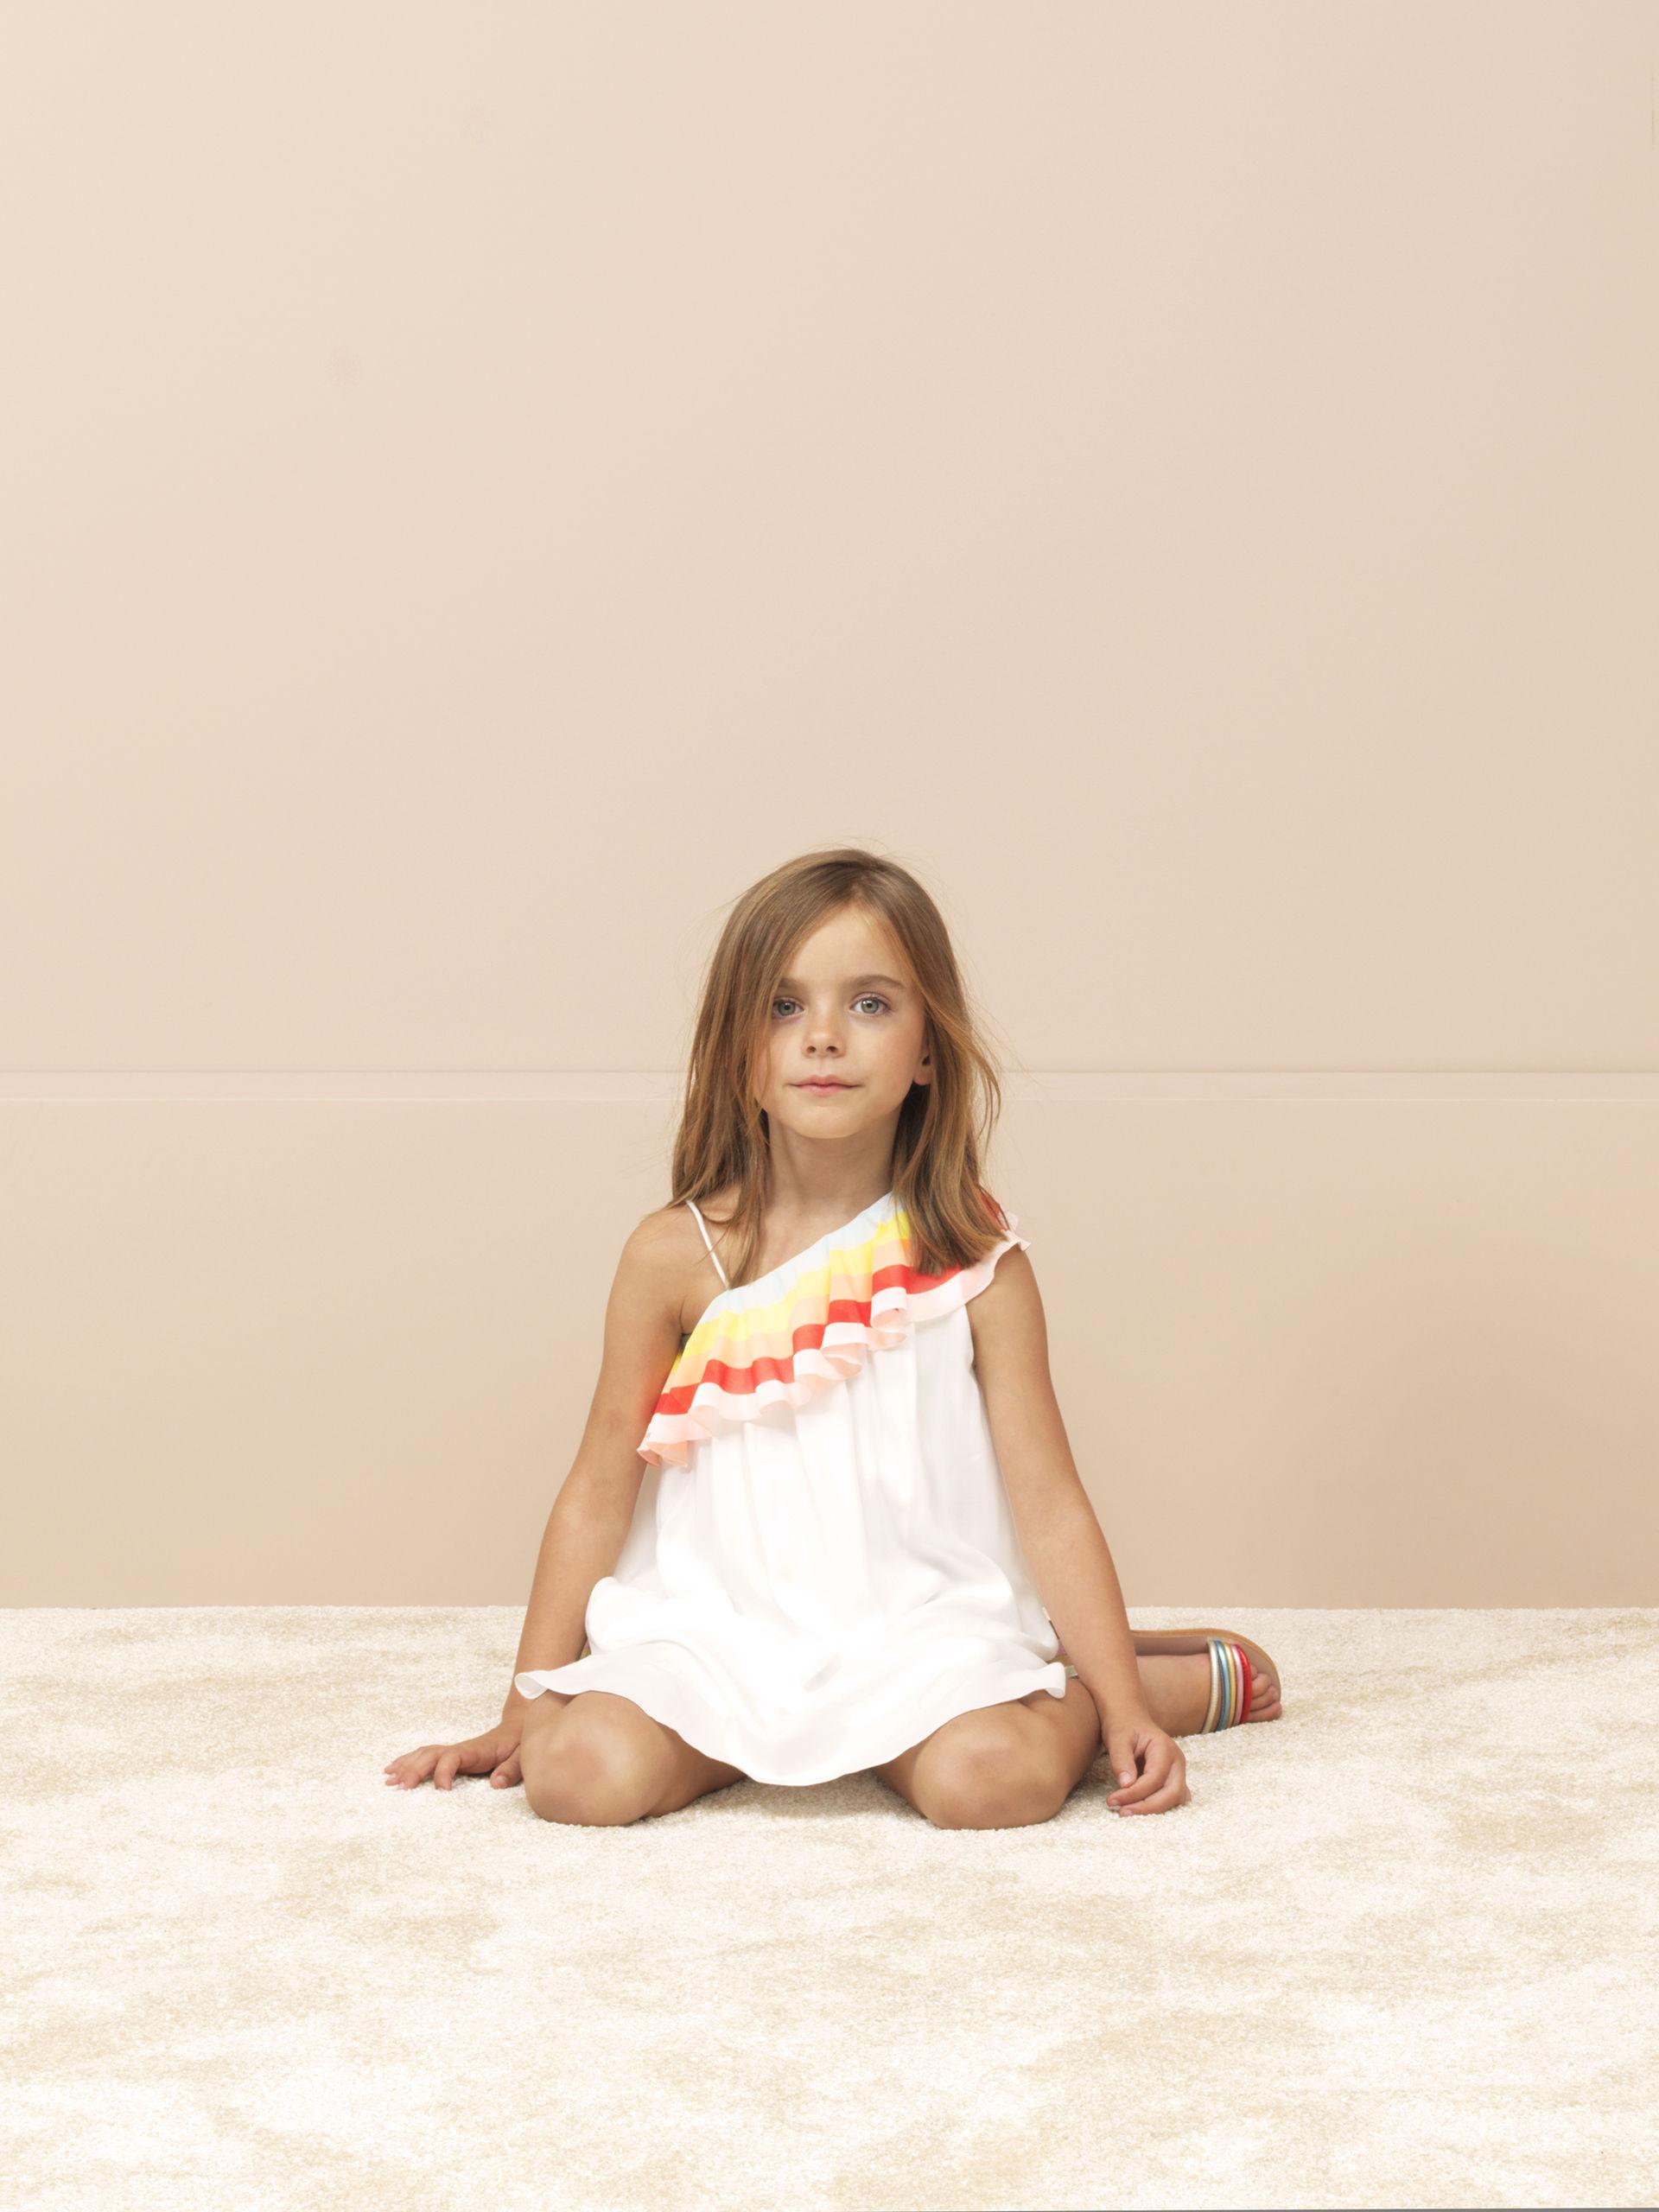 932a9c00954d LITTLE CHLOE GIRLS SS17 - Les enfants à Paris CHLOE kids SS2014 lookbook